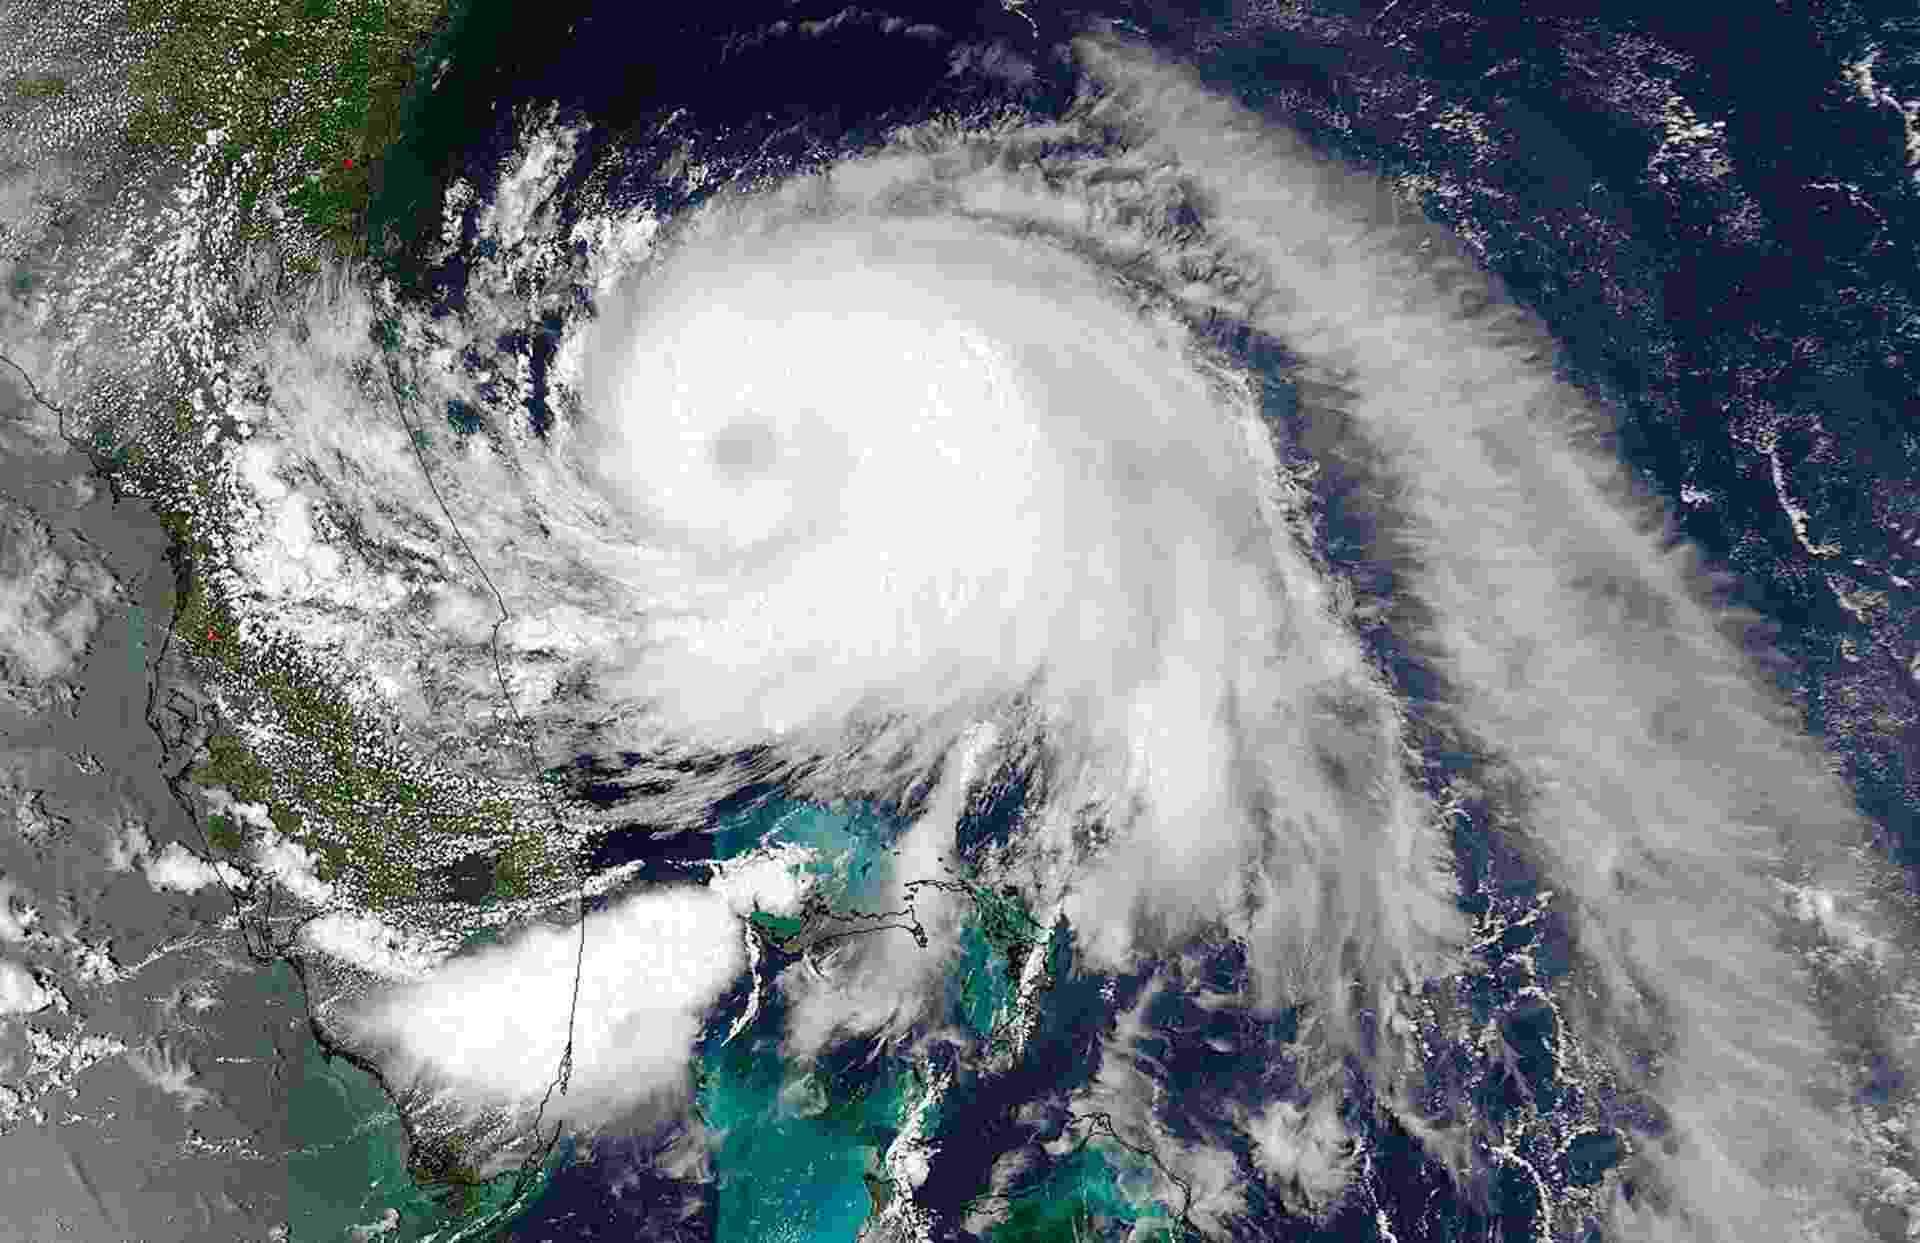 """3.jul.2014 - A tempestade tropical """"Arthur"""" se dirige rumo ao litoral da Carolina do Norte, nos Estados Unidos, com ventos de 110 km/h e está """"perto"""" de se transformar em furacão, segundo o Centro Nacional de Furacões dos EUA (NHC, sigla em inglês). O NHC informou em boletim que o centro da tempestade está localizado a cerca de 230 quilômetros ao sul-sudeste de Charleston, na Carolina do Sul. As autoridades americanas emitiram um alerta de furacão para a costa da Carolina do Norte, de Surf City até Duck, Pamlico Sound e a parte leste de Albemarle Sound - Nasa/Reuters"""